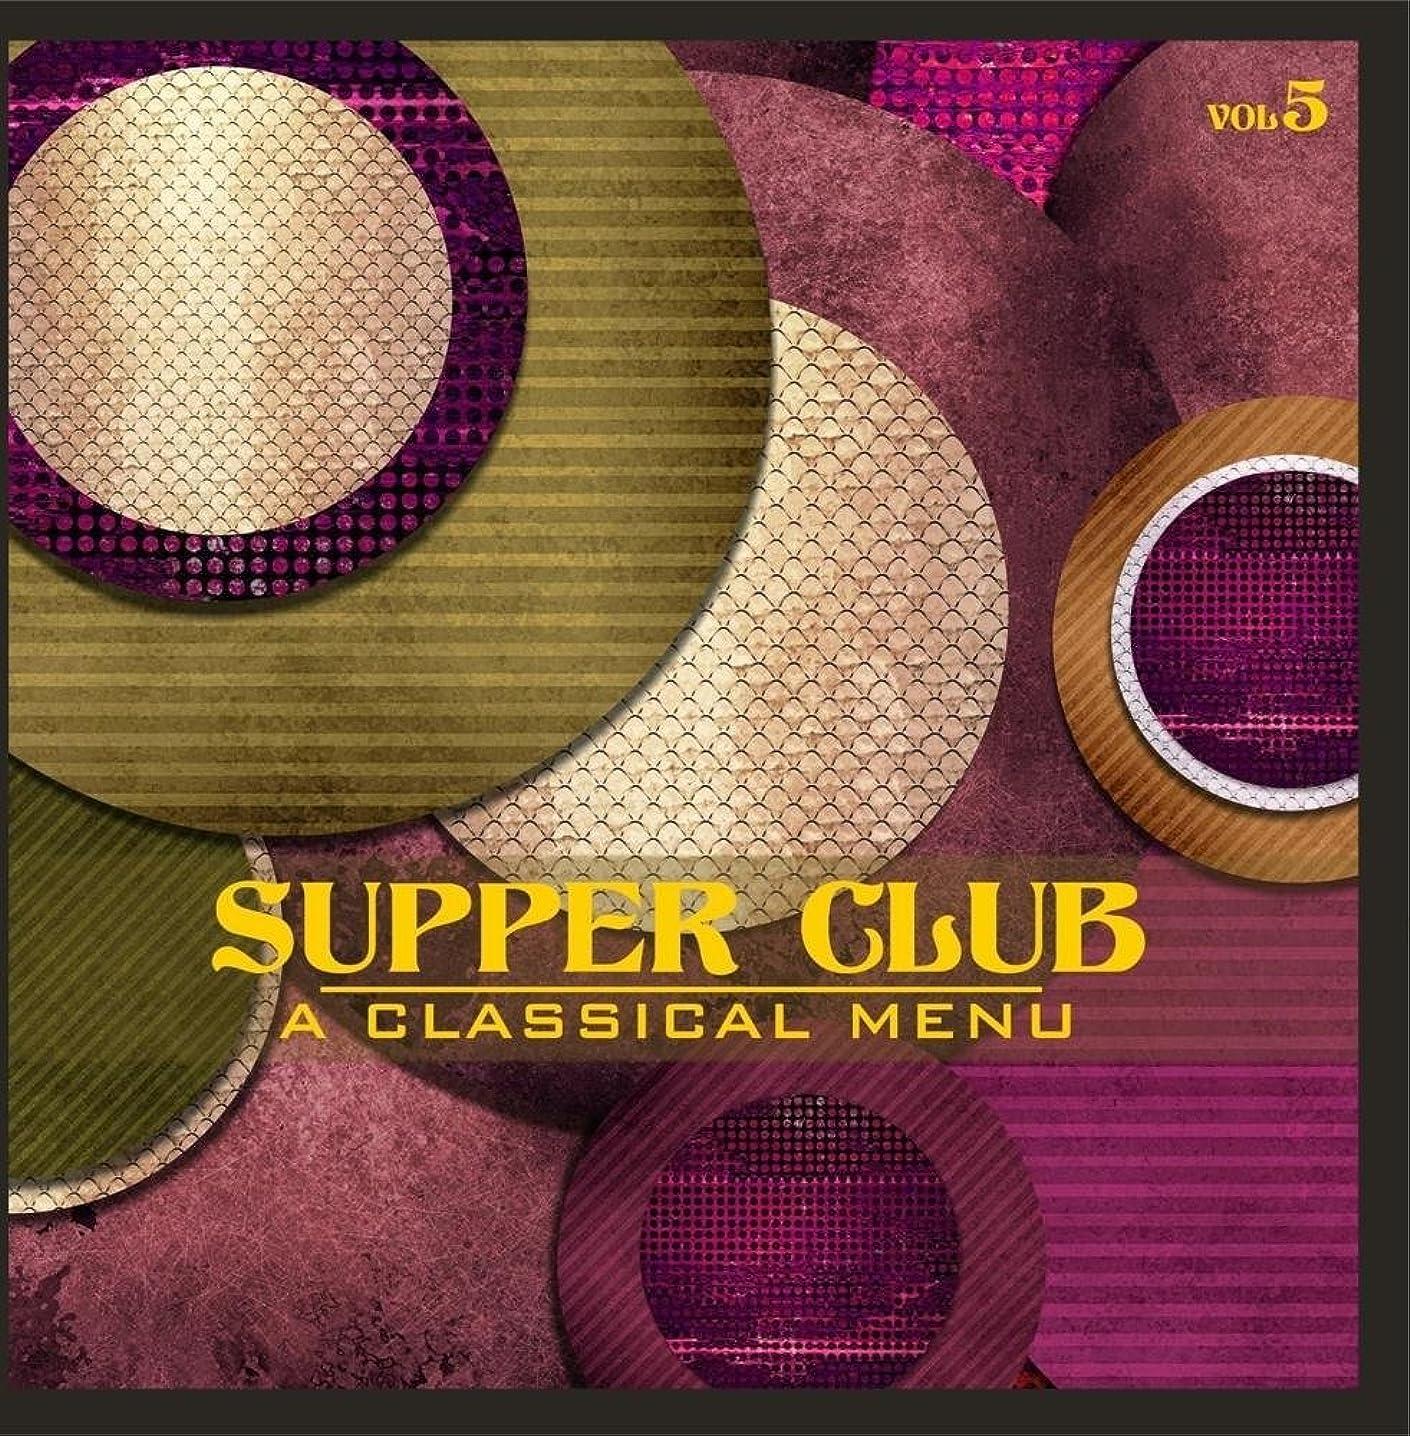 Supper Club: A Classical Menu, Vol. 5